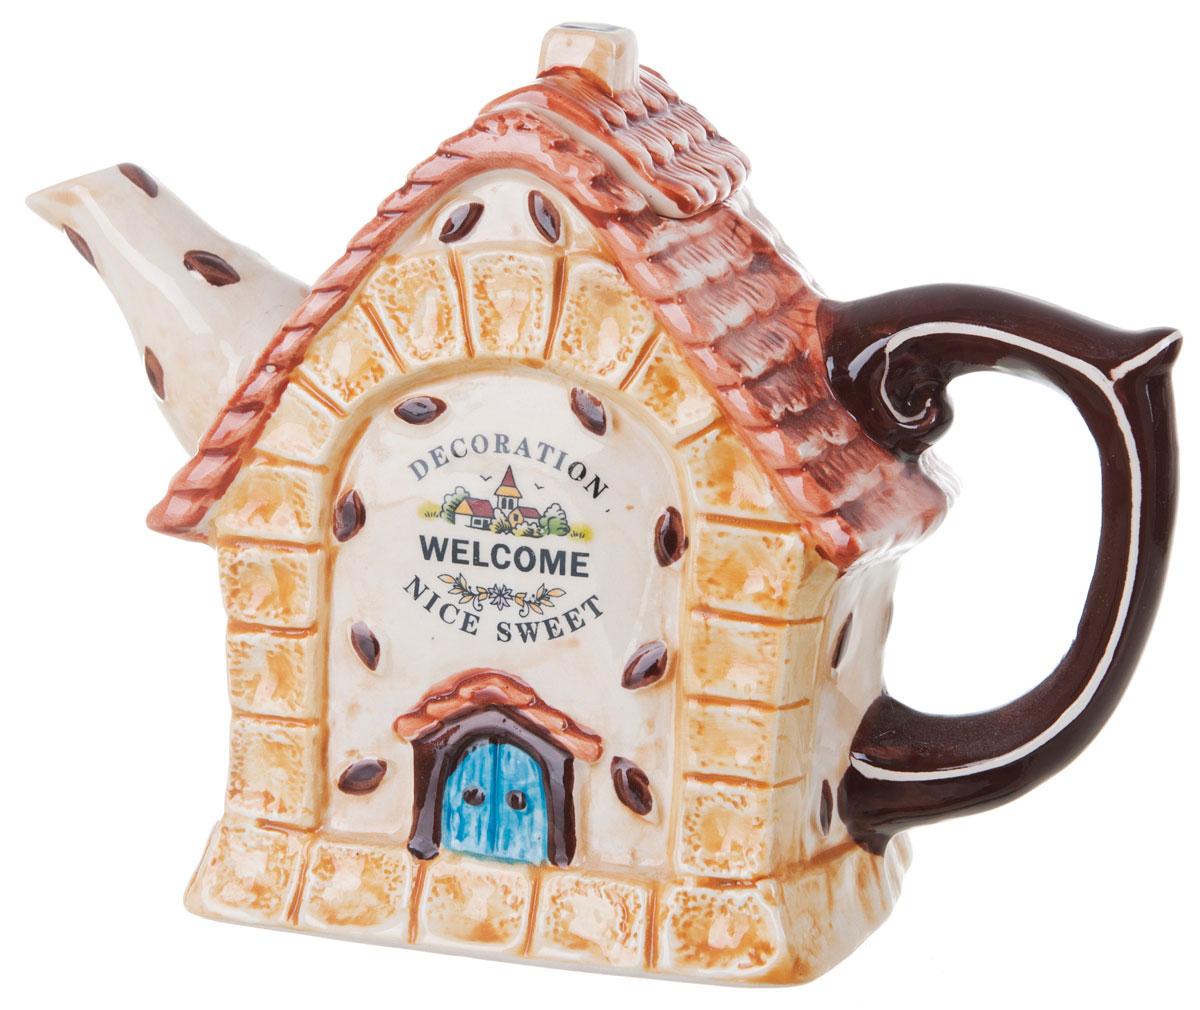 Чайник заварочный ENS Group Дом, милый дом, 900 мл0790036Этот великолепный чайник, выполненный из керамики, станет настоящим украшением любого стола. Послужит отличным подарком.Можно мыть в посудомоечной машине.